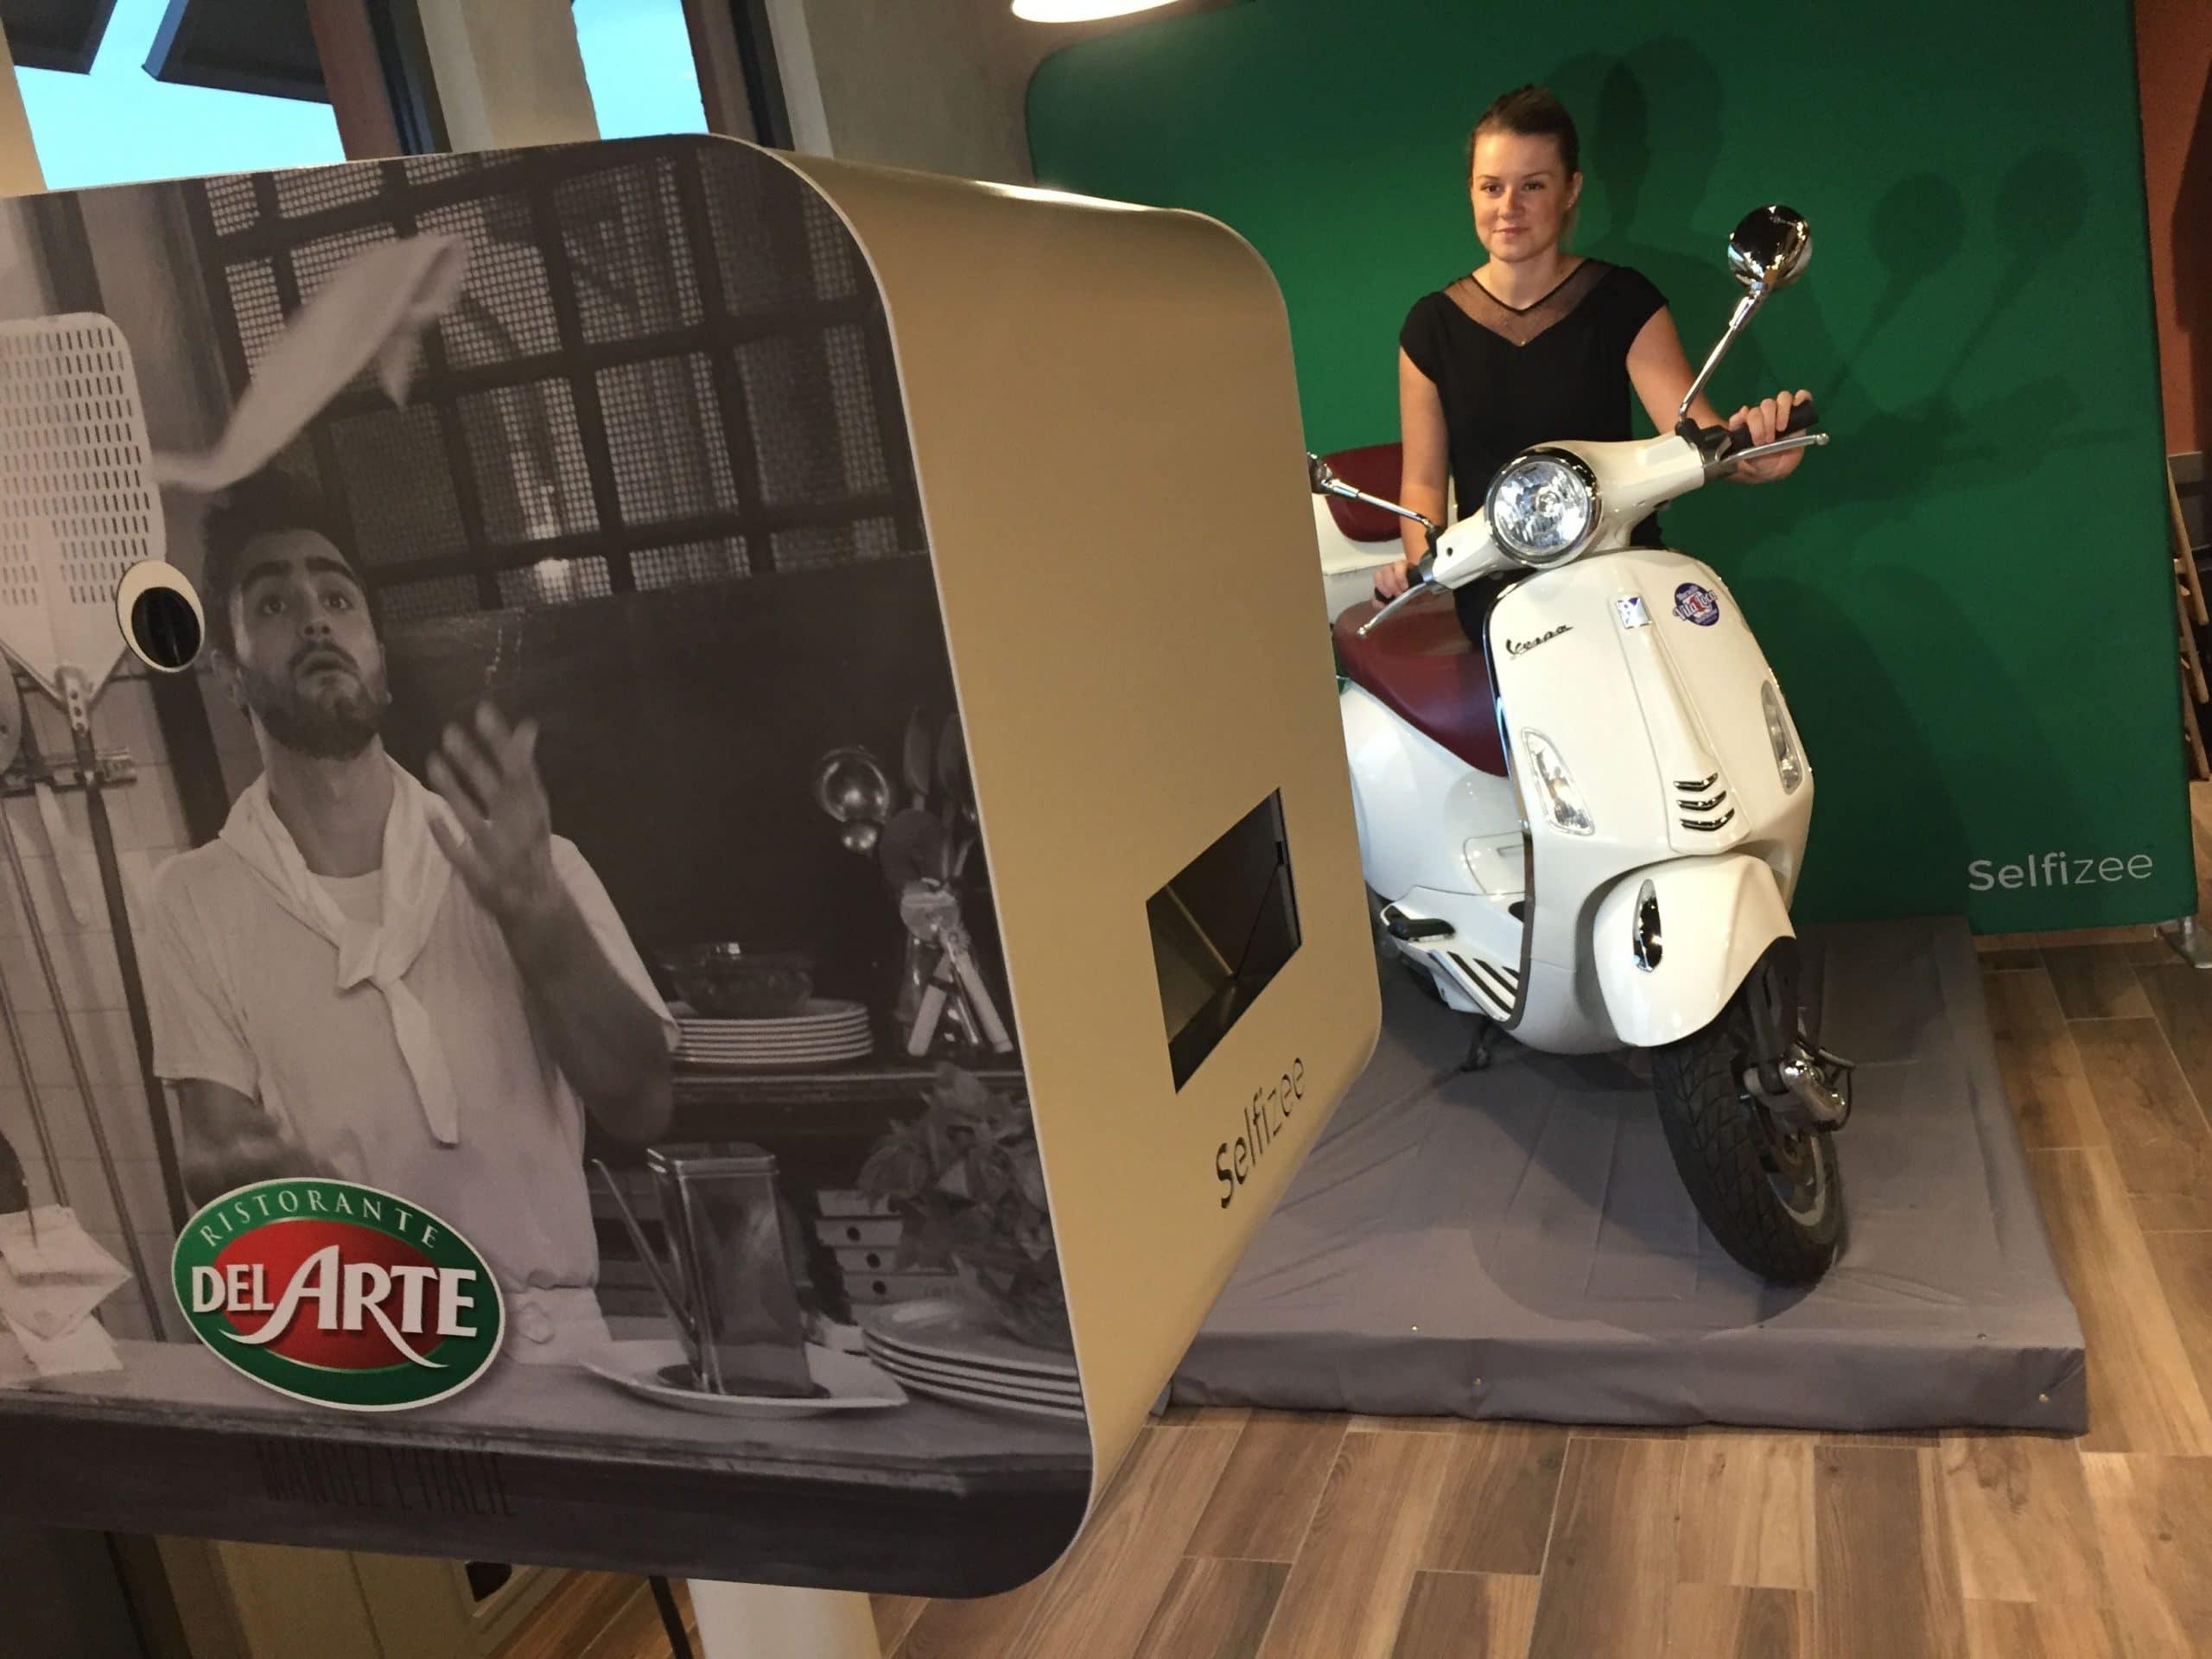 Borne photo et animation fond vert pour inauguration restaurant Del Arte Martigues dans les Bouches du Rhône avec selfies personnalisés